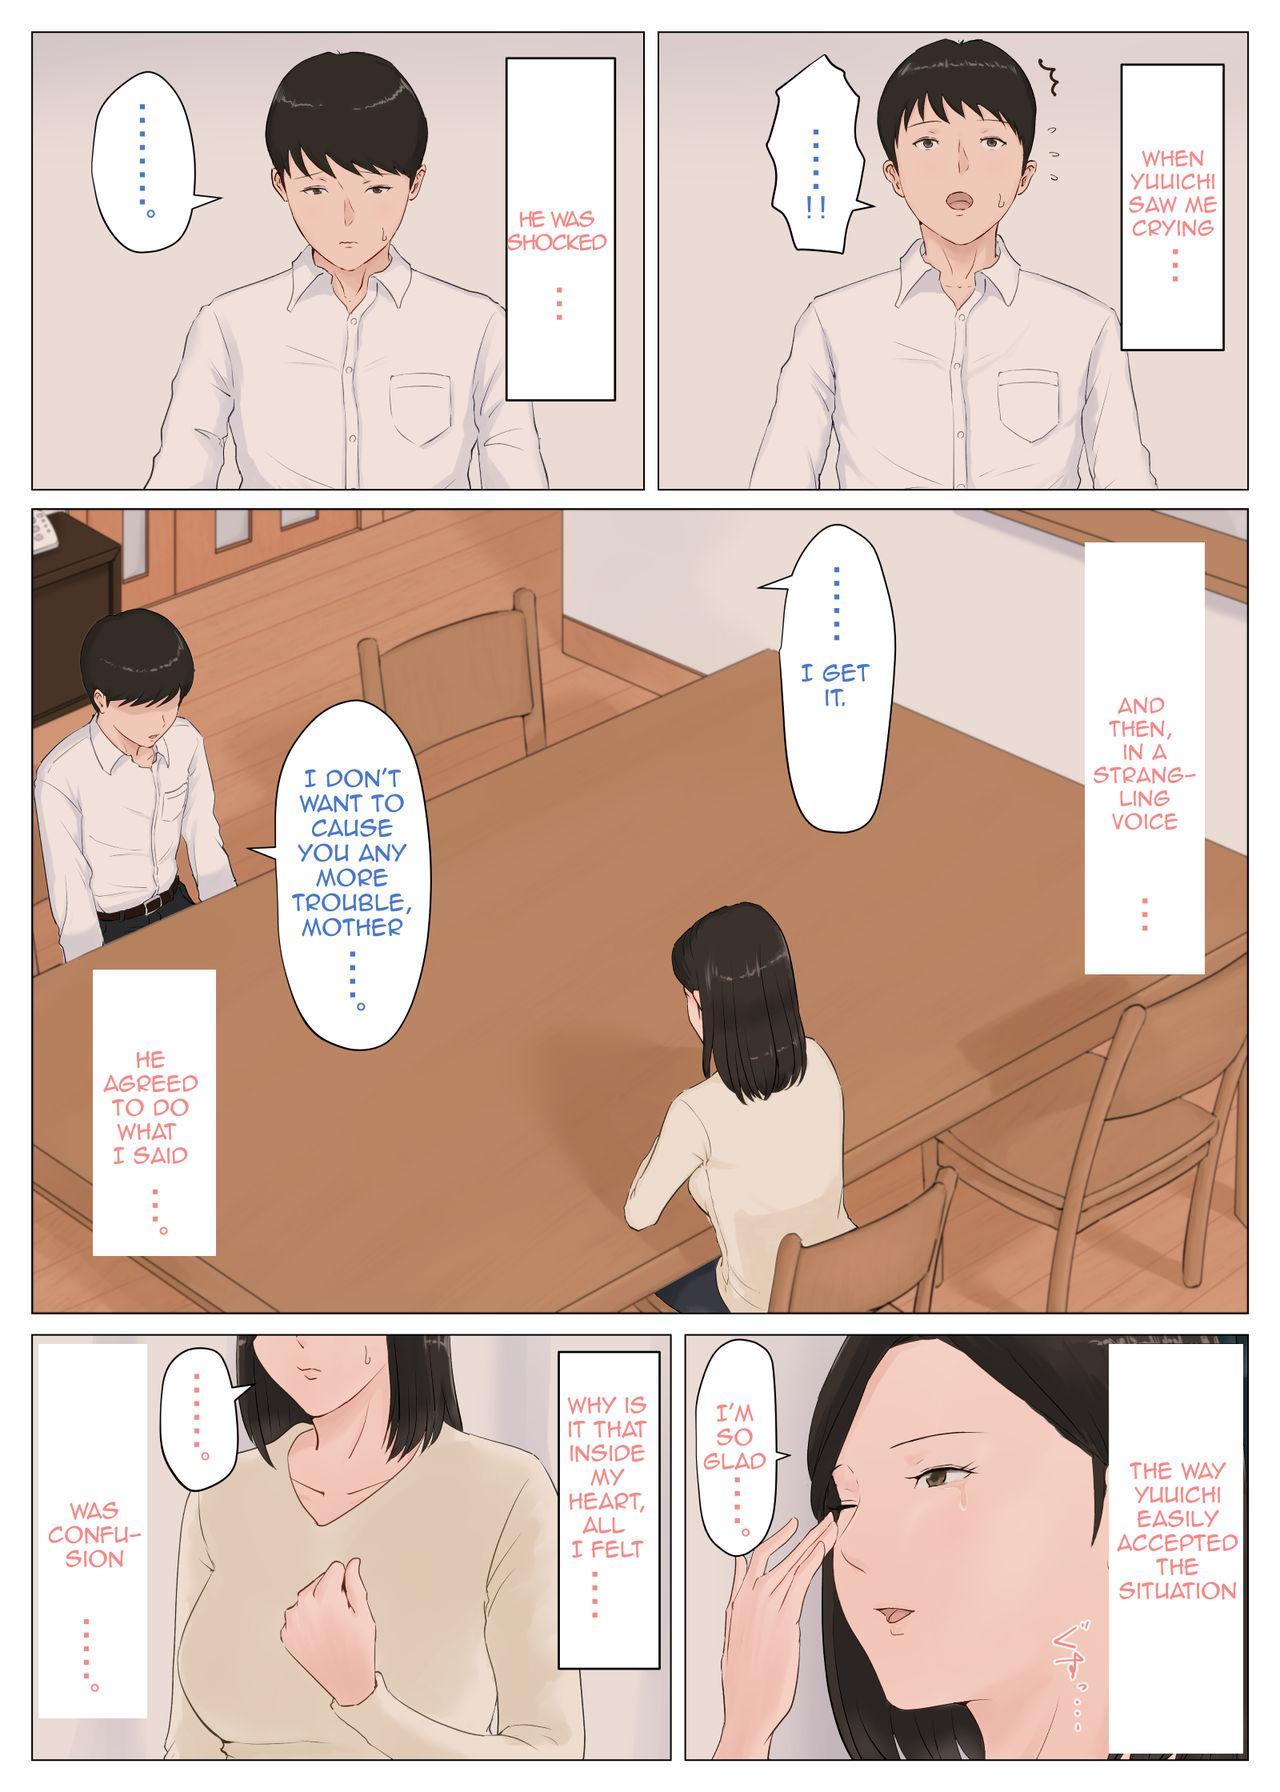 [Horsetail] Kaa-san Janakya Dame Nanda!! 5 ~Kanketsuhen Zenpen~| Mother, It Has to Be You ~Conclusion Part 1~[English][Amoskandy] 23